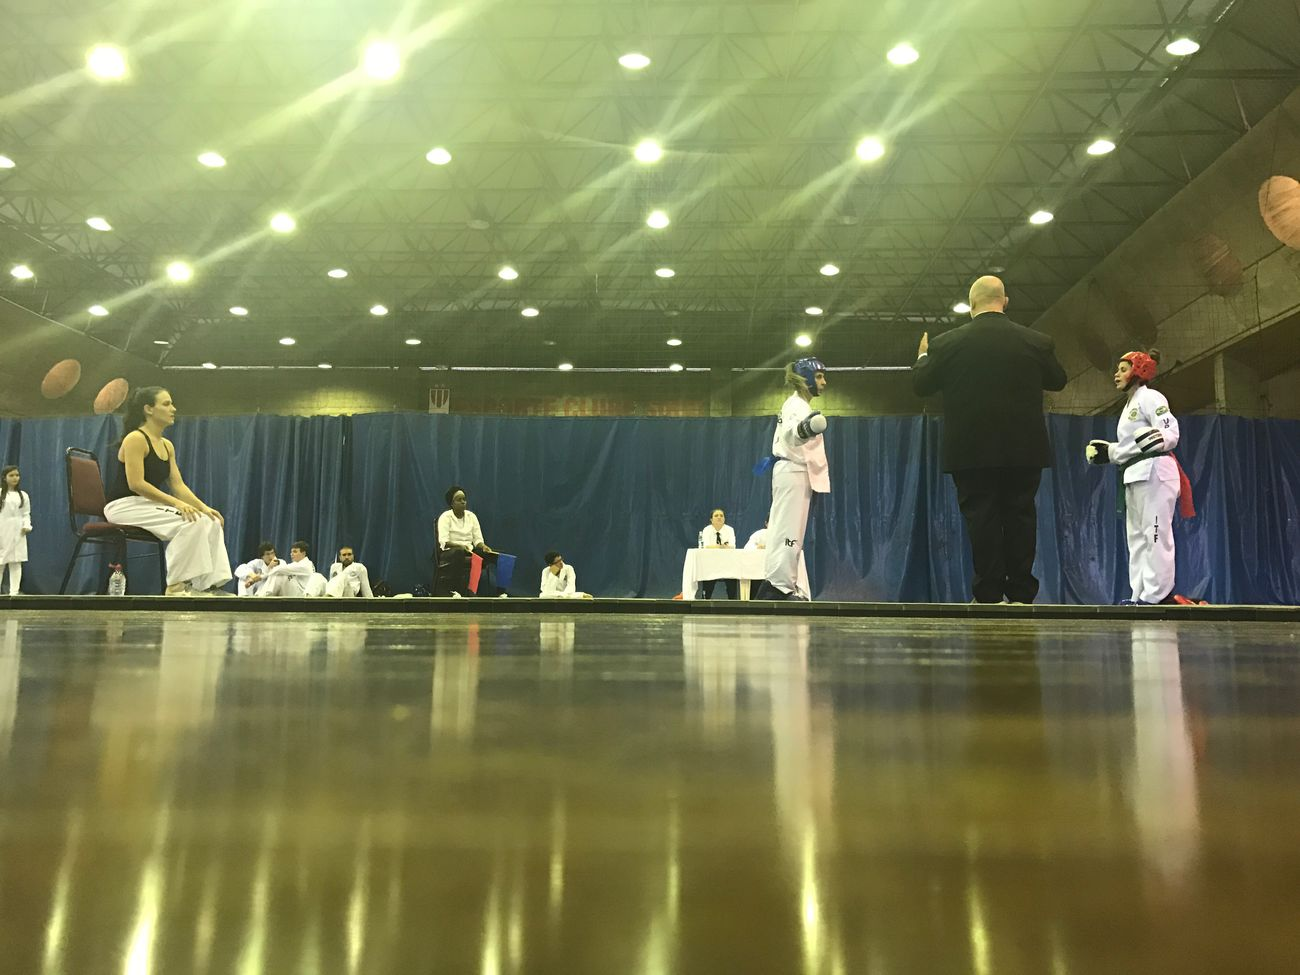 Round 1 Fight Taekwondo Tae Kwon Do Girl Fight EyeEmNewHere Girlsontop